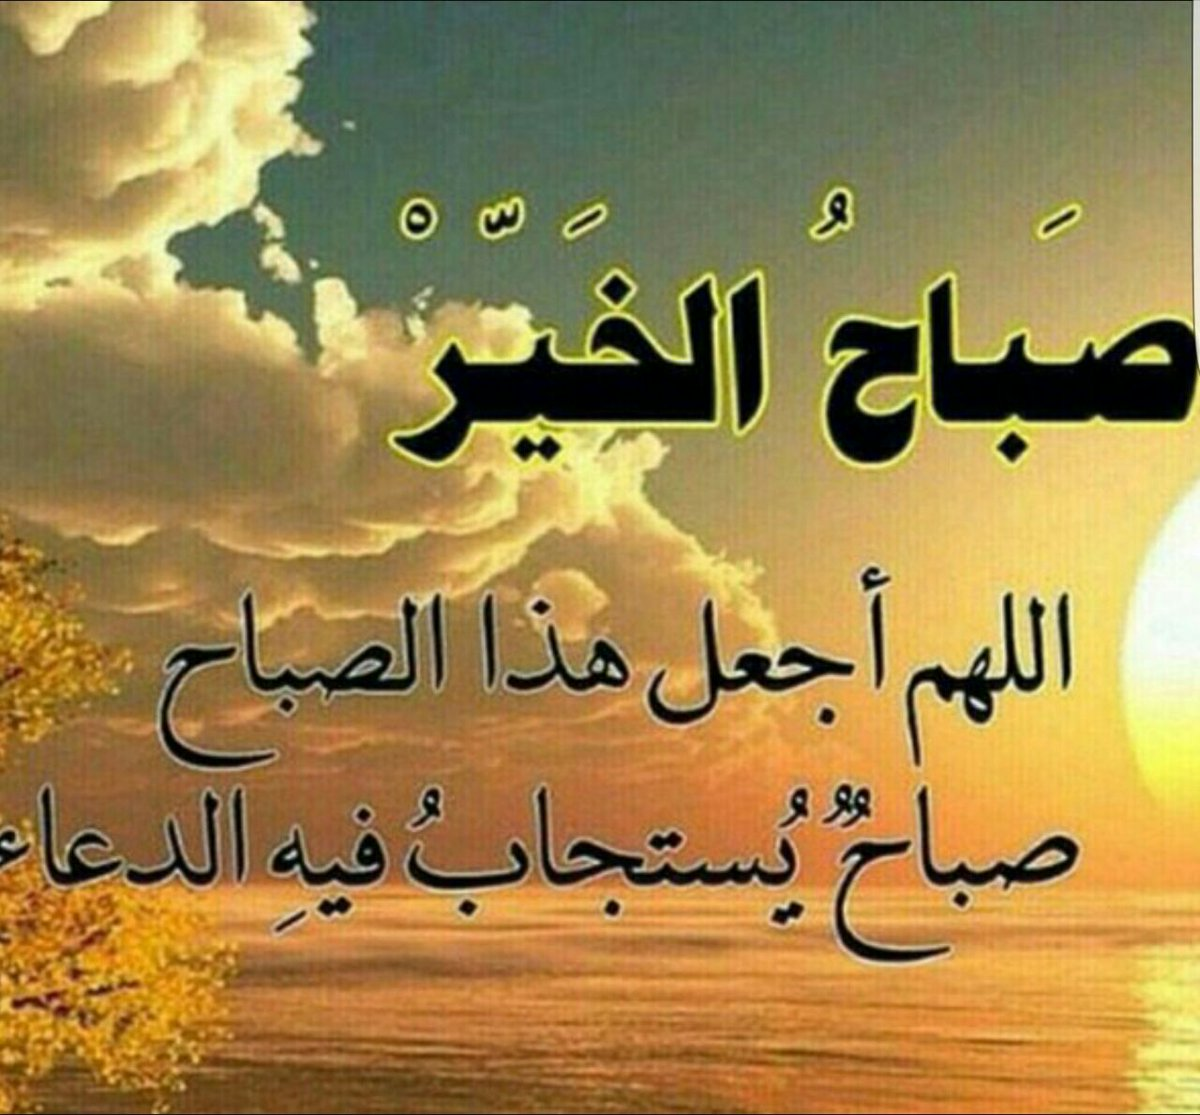 صورة صباح الخير مع دعاء , بدايه جميله ليوم جديد بصباح الخير بالدعاء